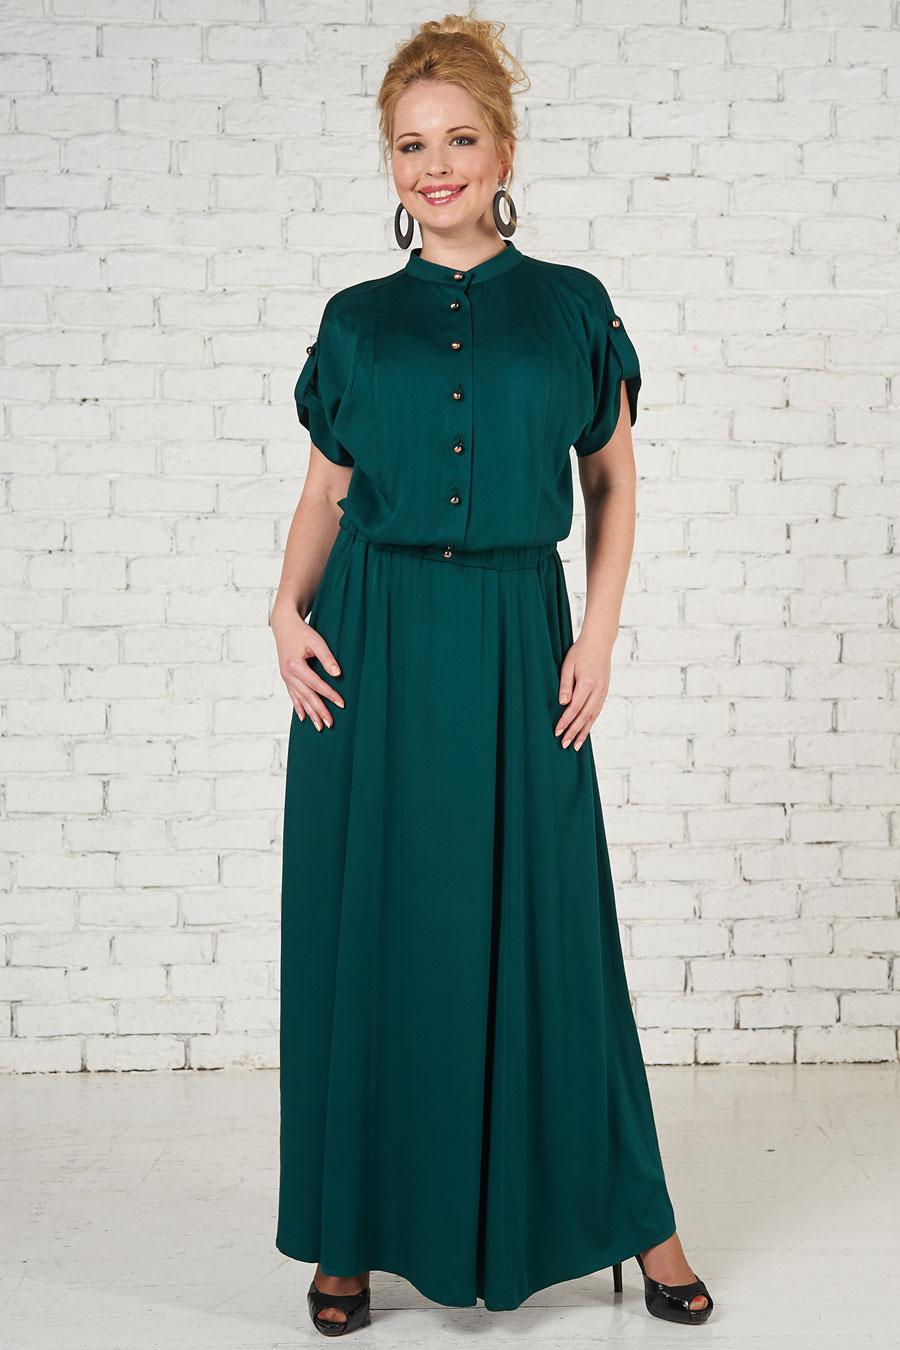 BAMBINOMANIA - шикарная одежда для кормящих мам и беременных. НОВИНКИ! РАСПРОДАЖА. Собираем